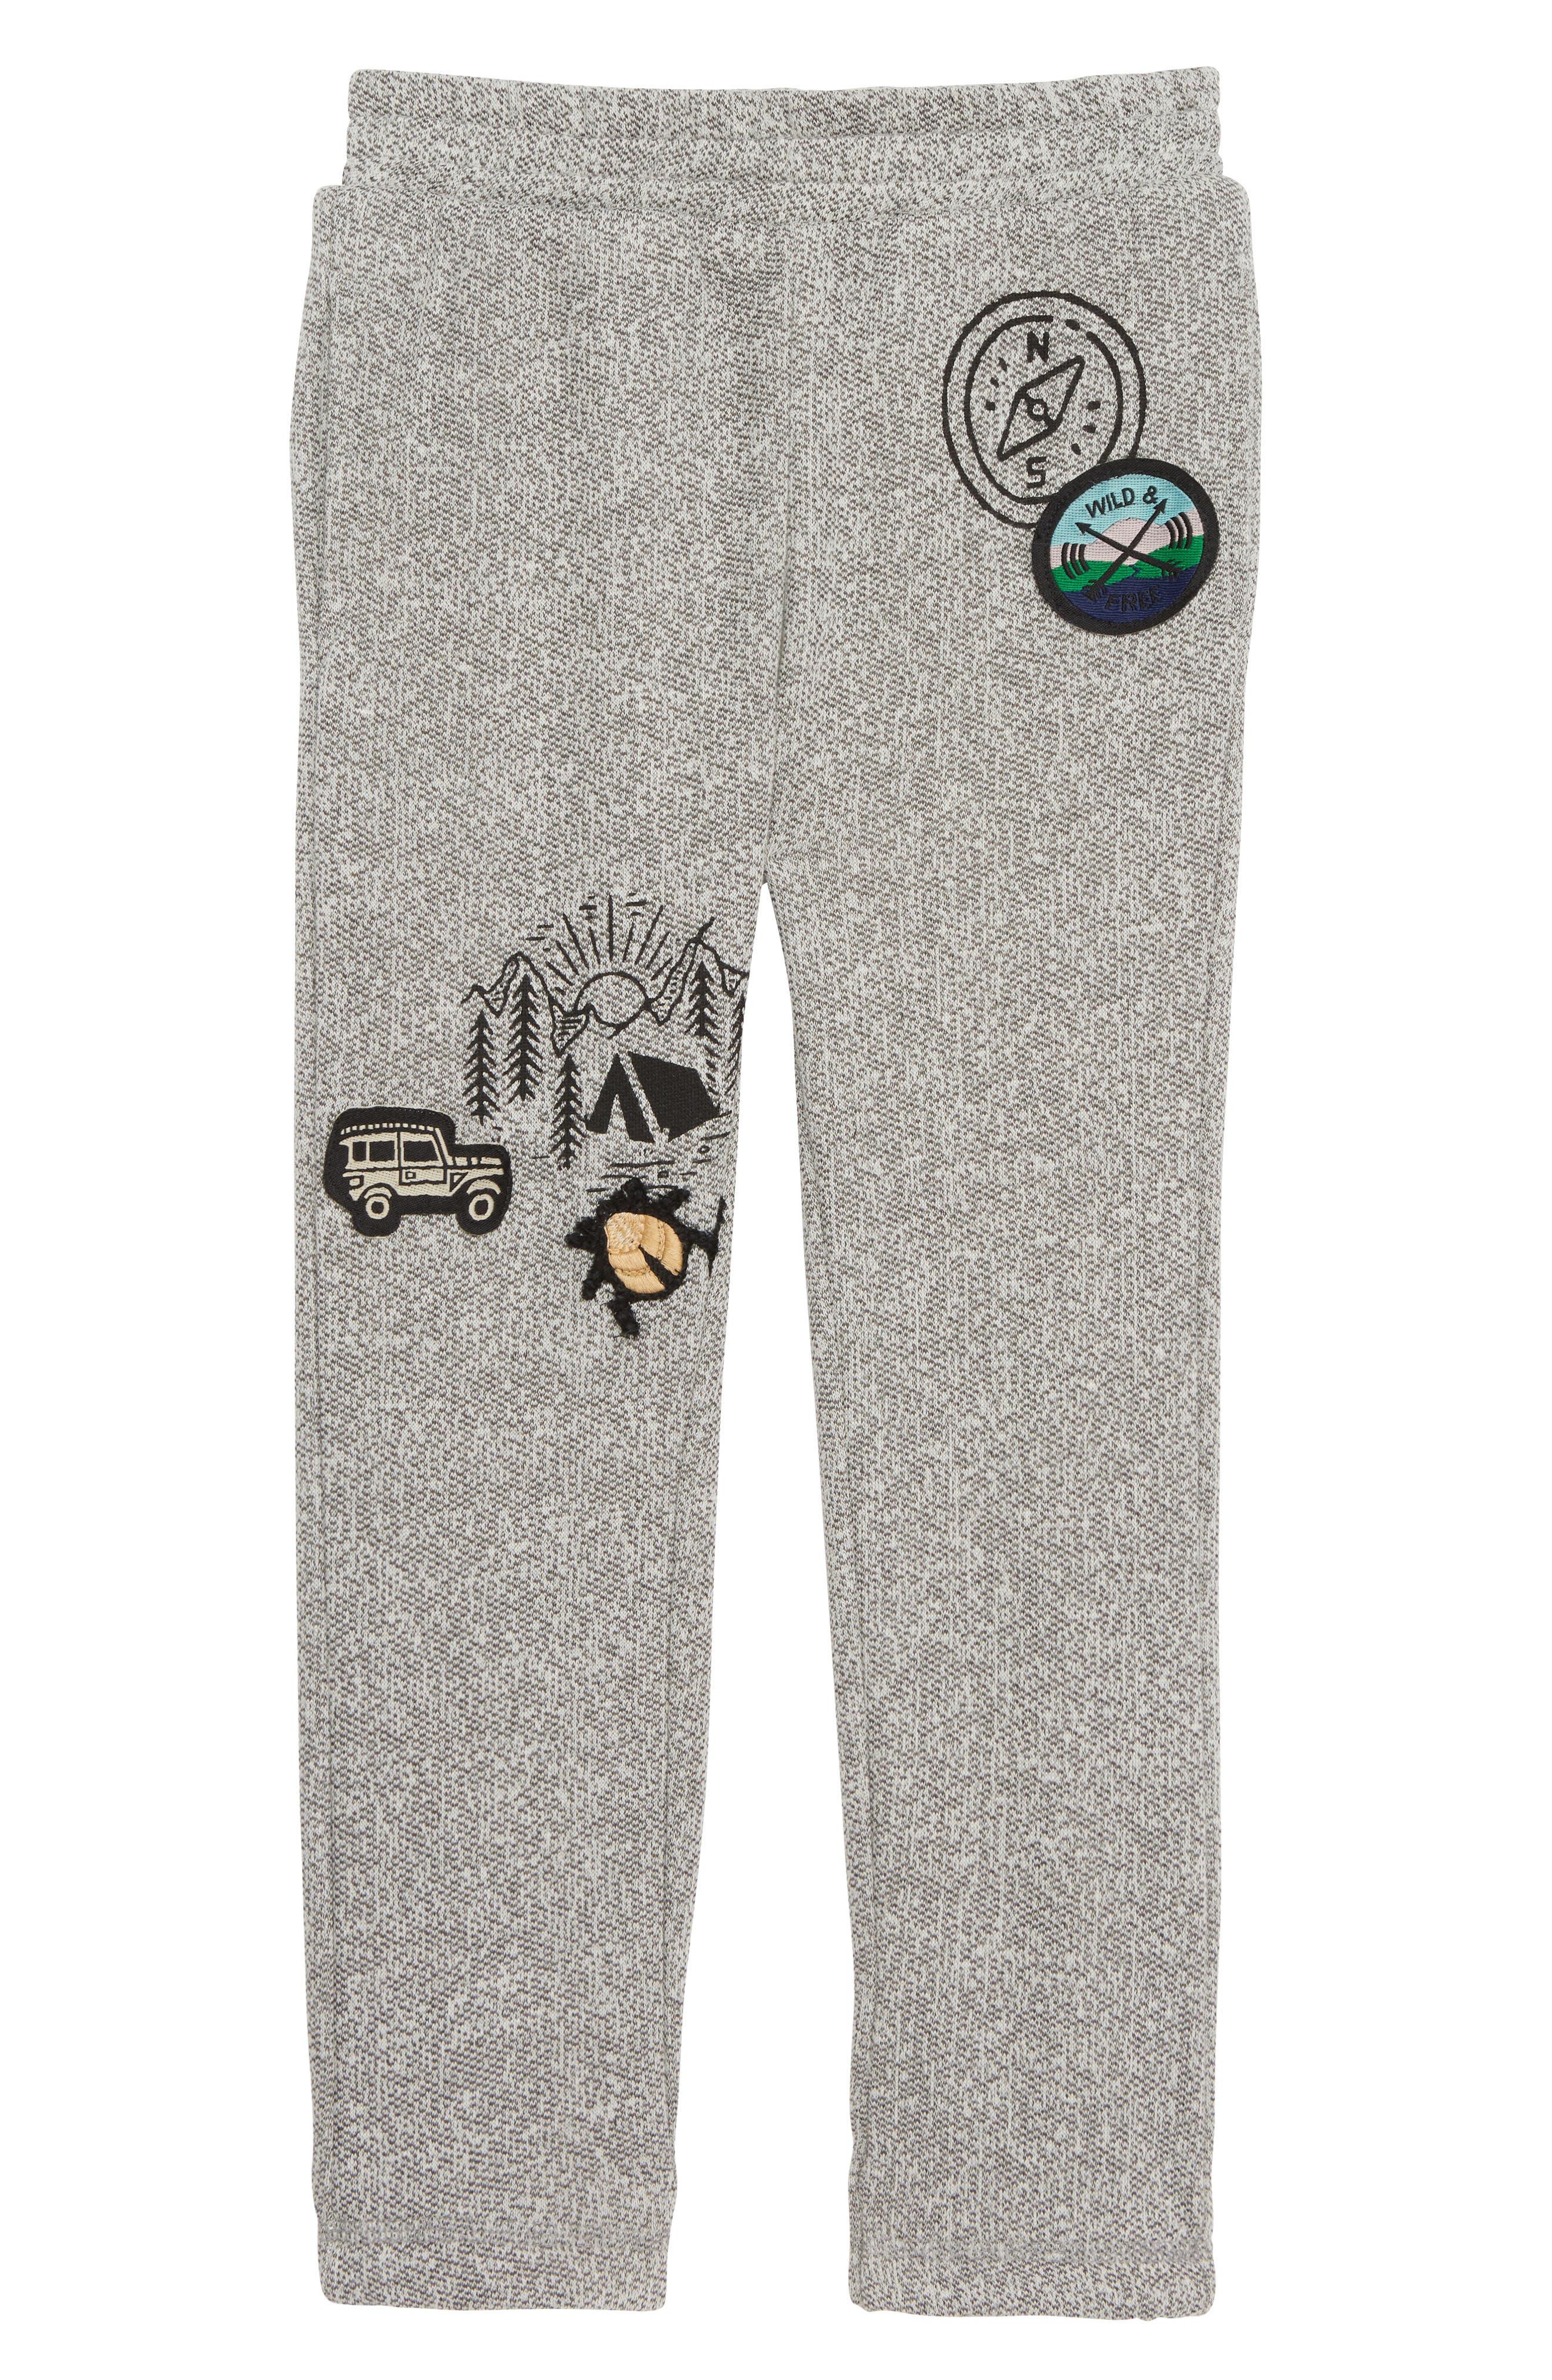 Mason Knit Jogger Pants,                             Main thumbnail 1, color,                             GREY HEATHER